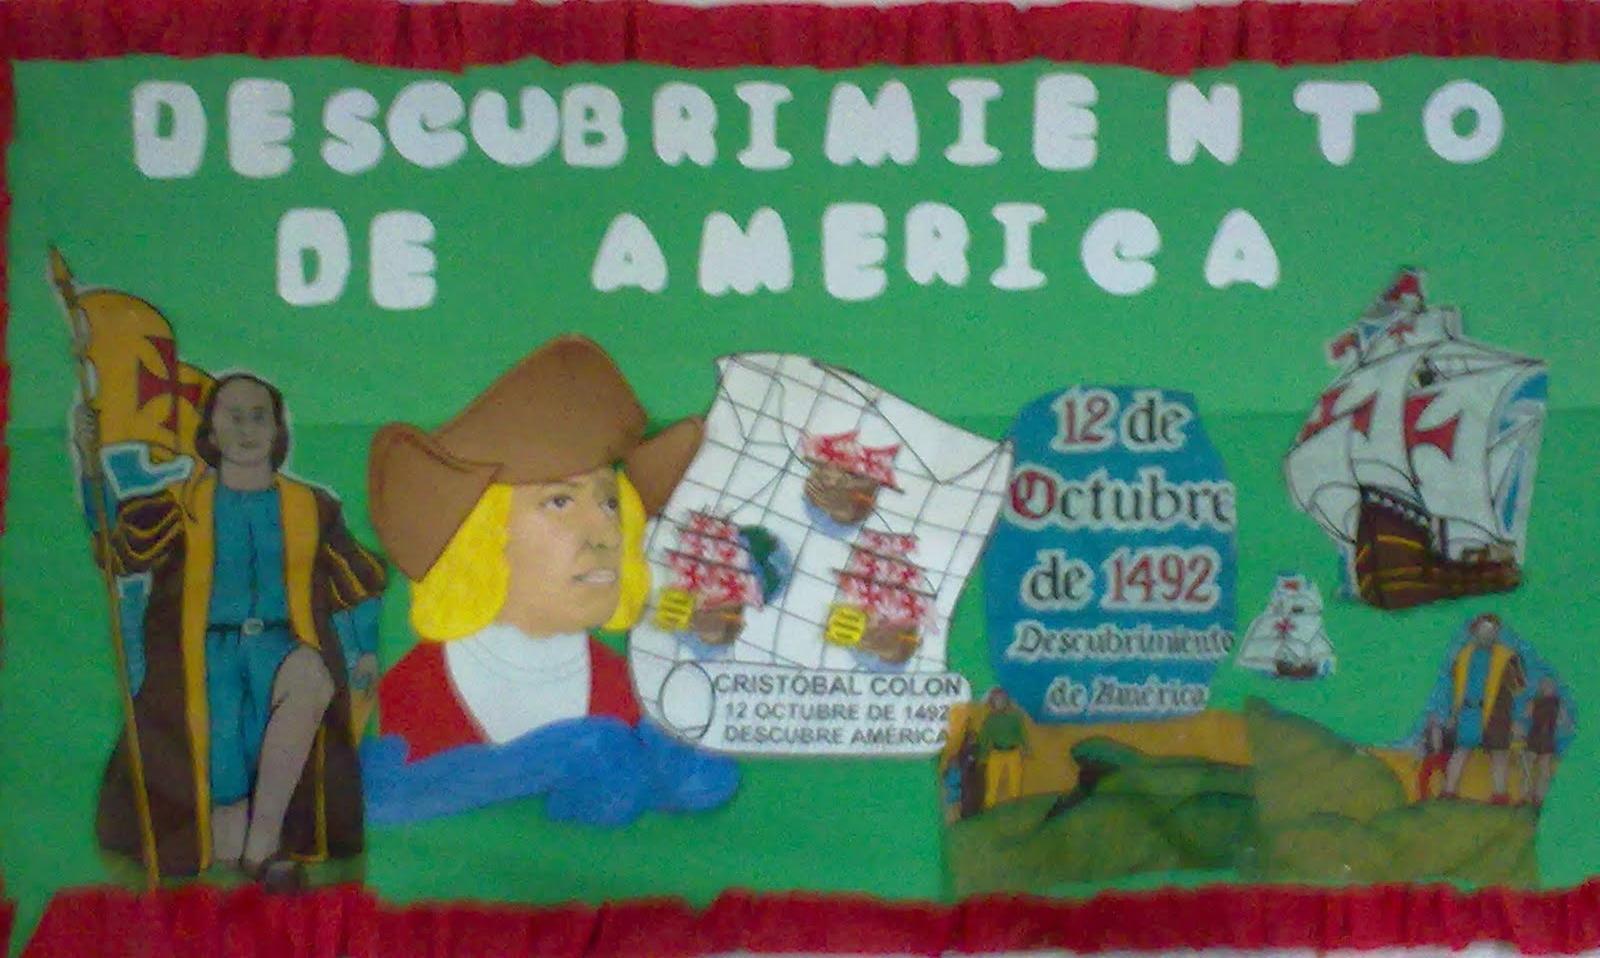 Periodico mural octubre 17 imagenes educativas for Avisos de ocasion el mural